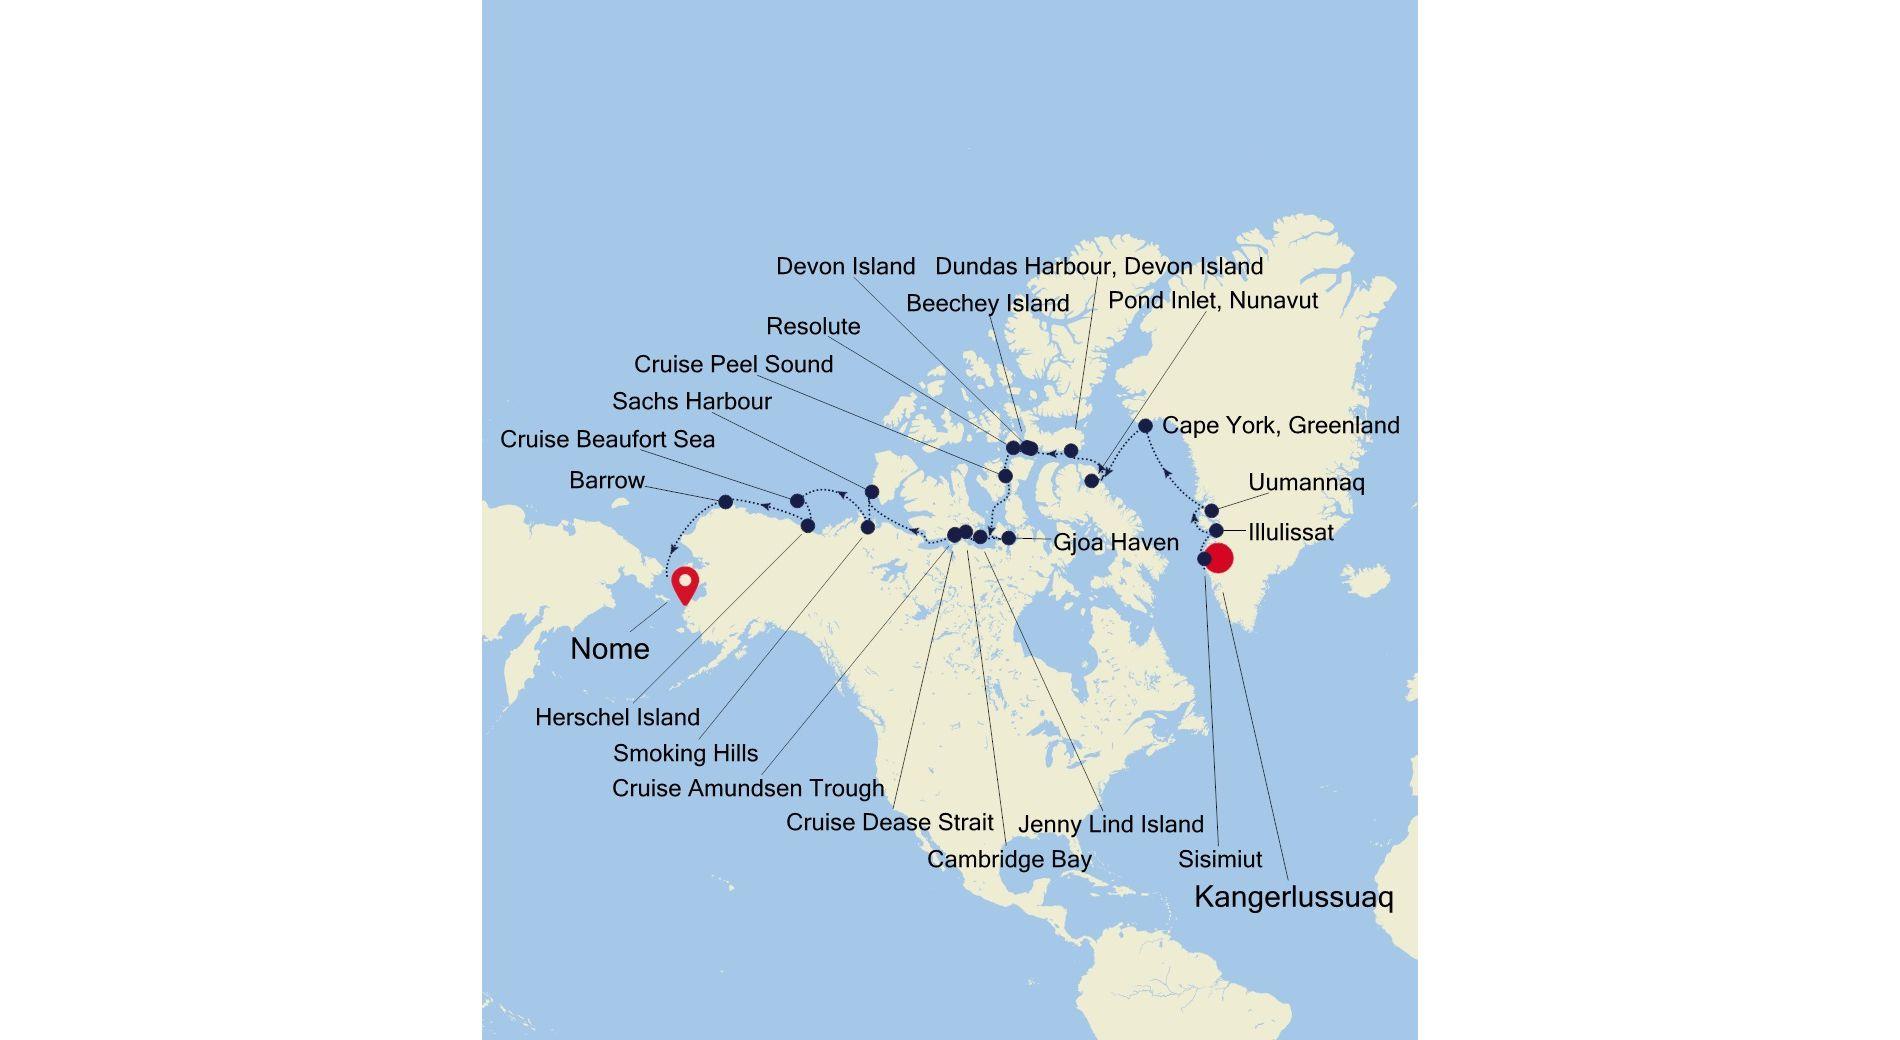 E4200821024 - Kangerlussuaq a Nome